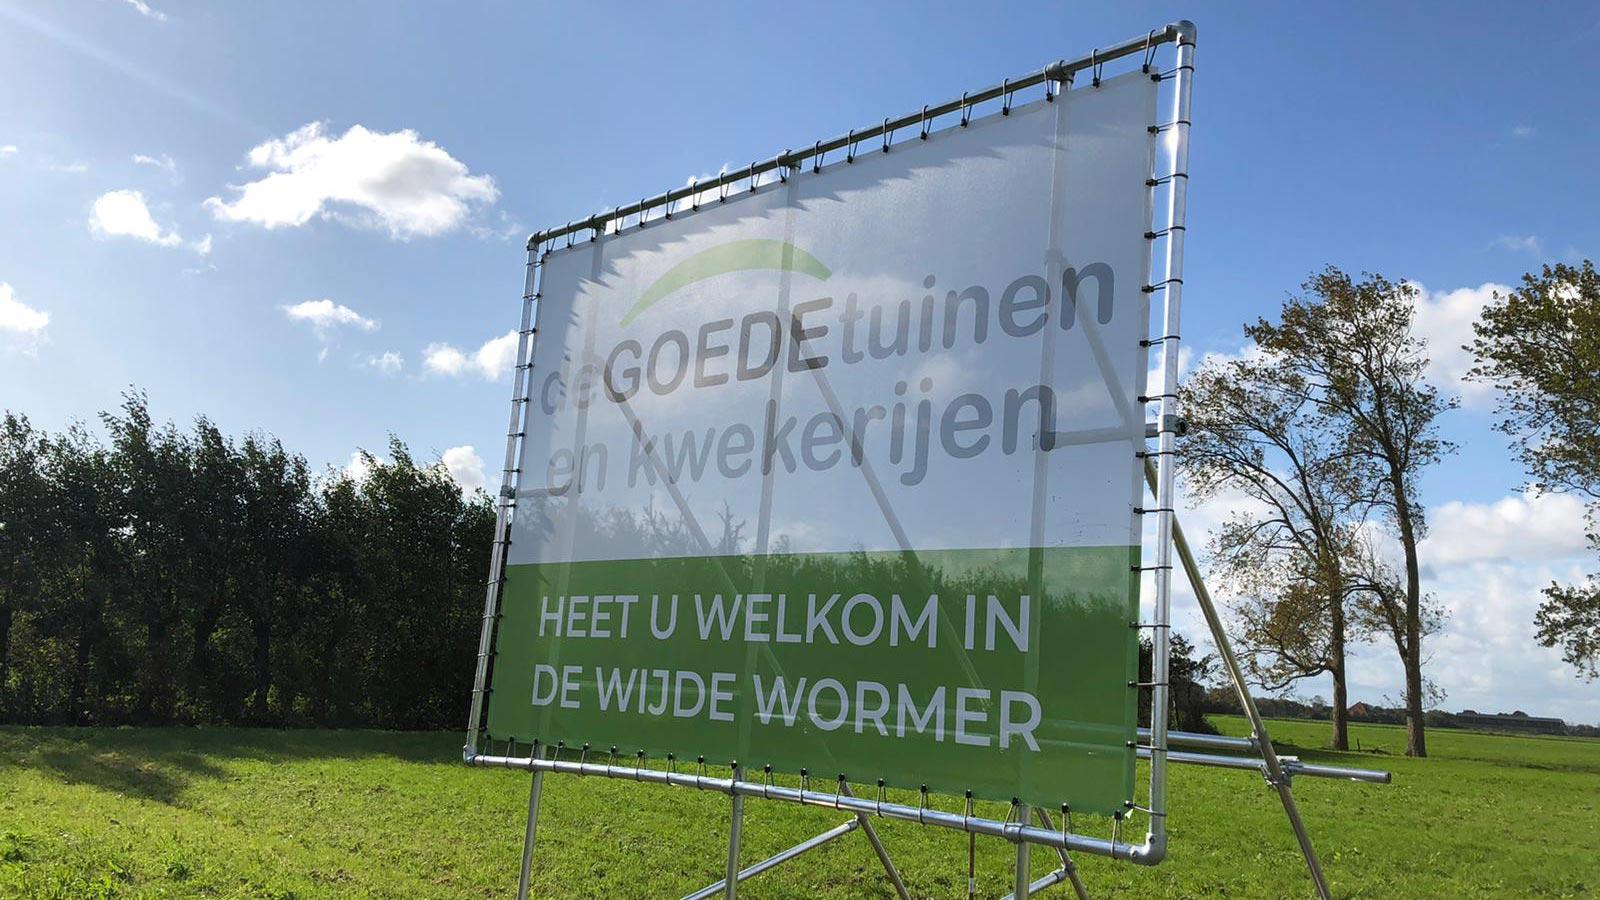 Van Riemsdijk Reklame - Spandoeken - de Goede Tuinen